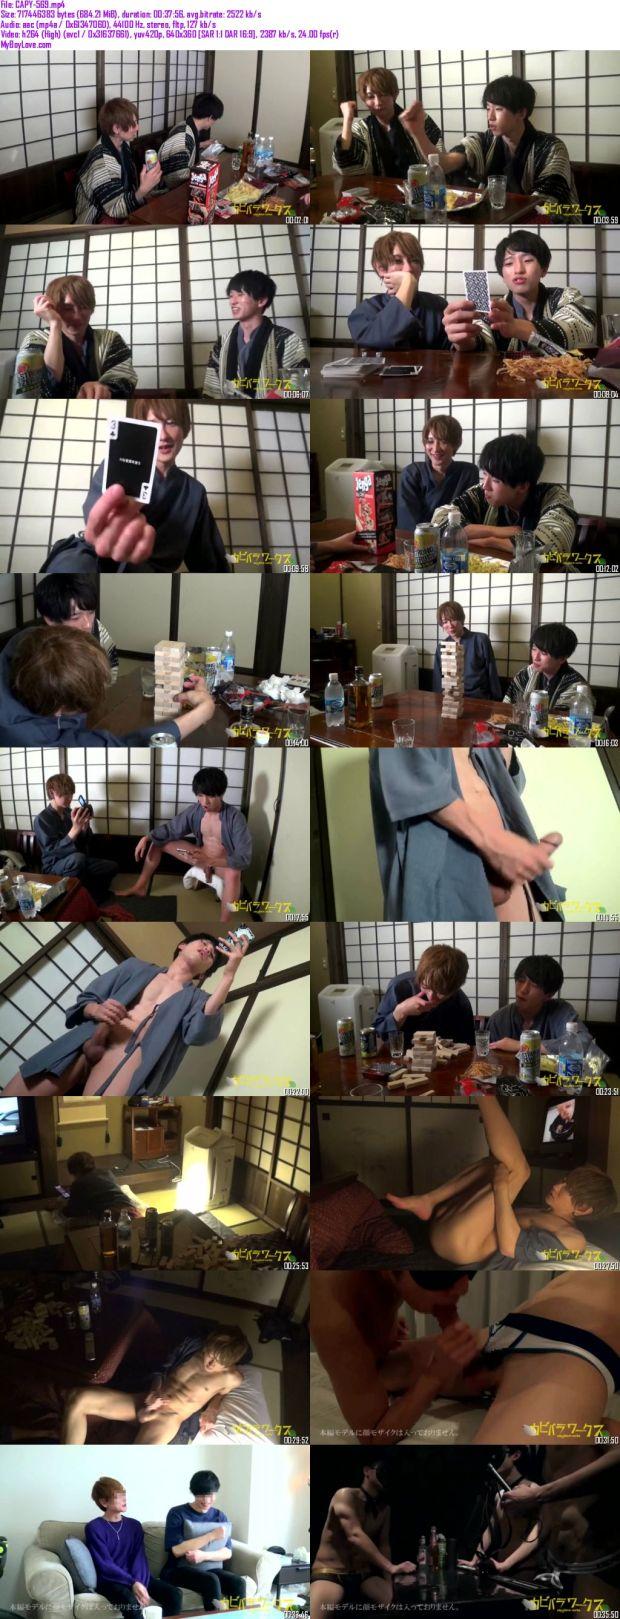 Men's Rush.TV – CAPY-569 –【たくみ】&【隼人】1泊2日温泉旅行VO3夜の宴(色々なことがあったよ)開始!